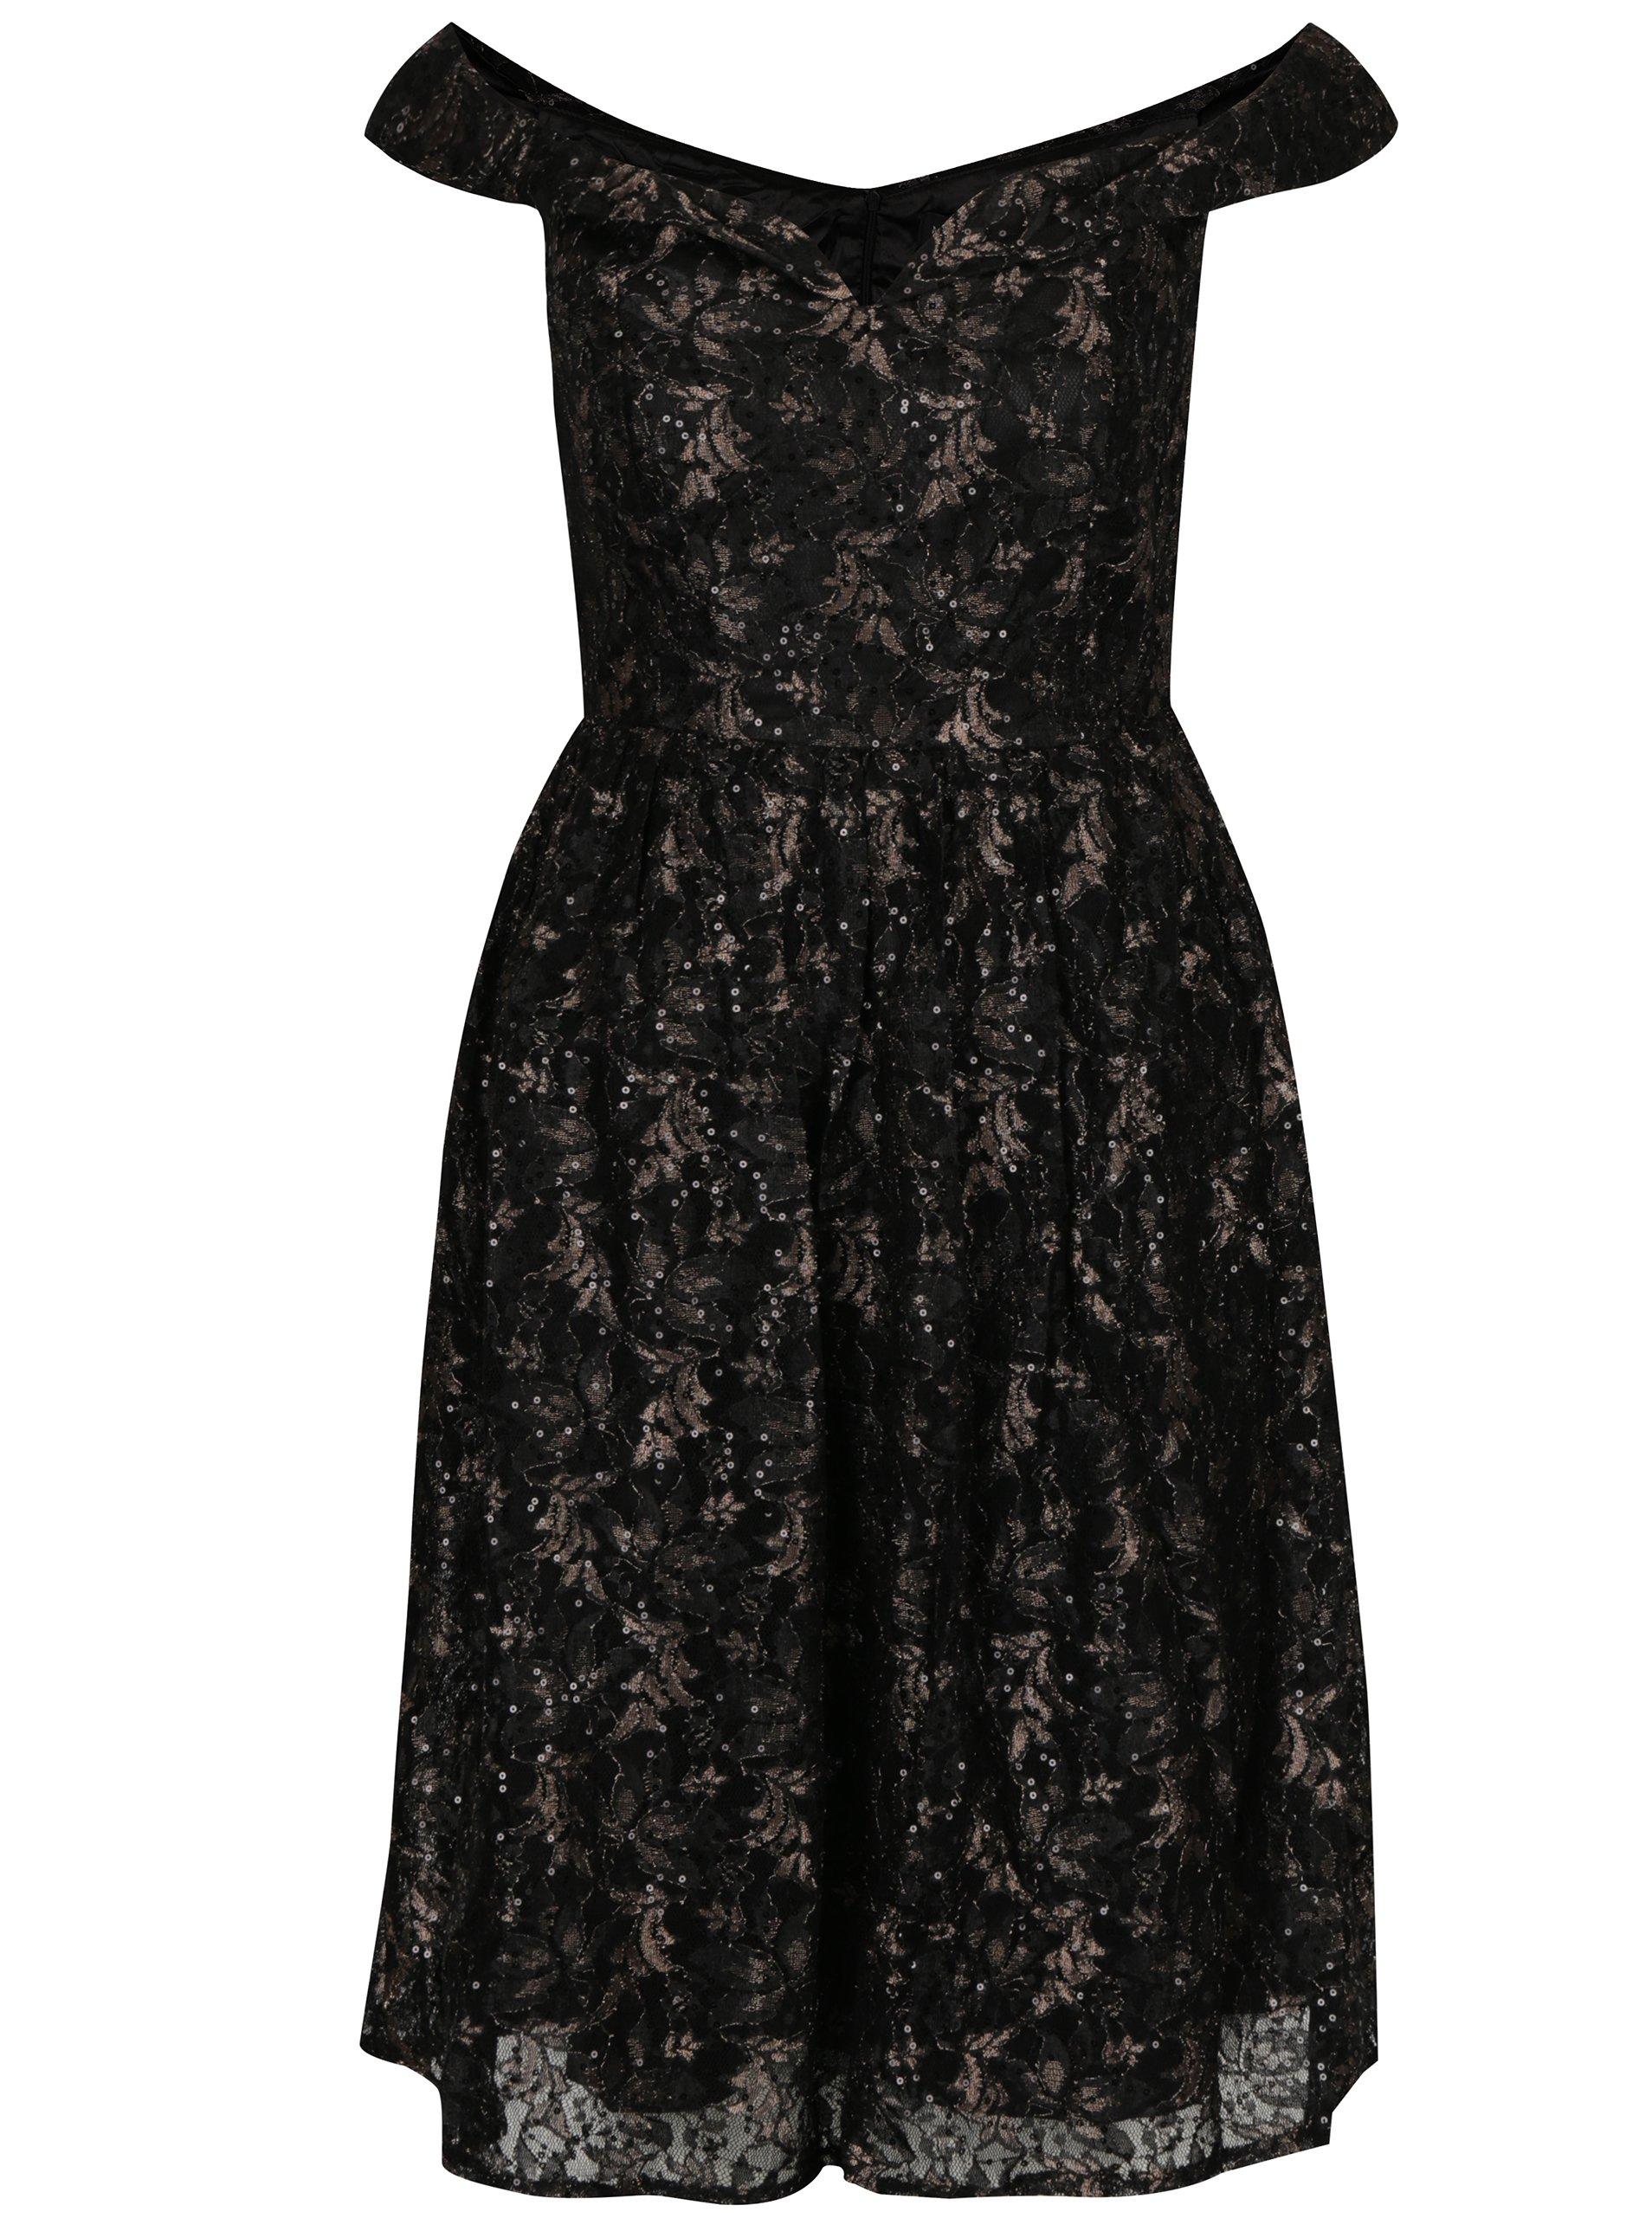 fff32d80e456 Čierne čipkované šaty s odhalenými ramenami Mela London